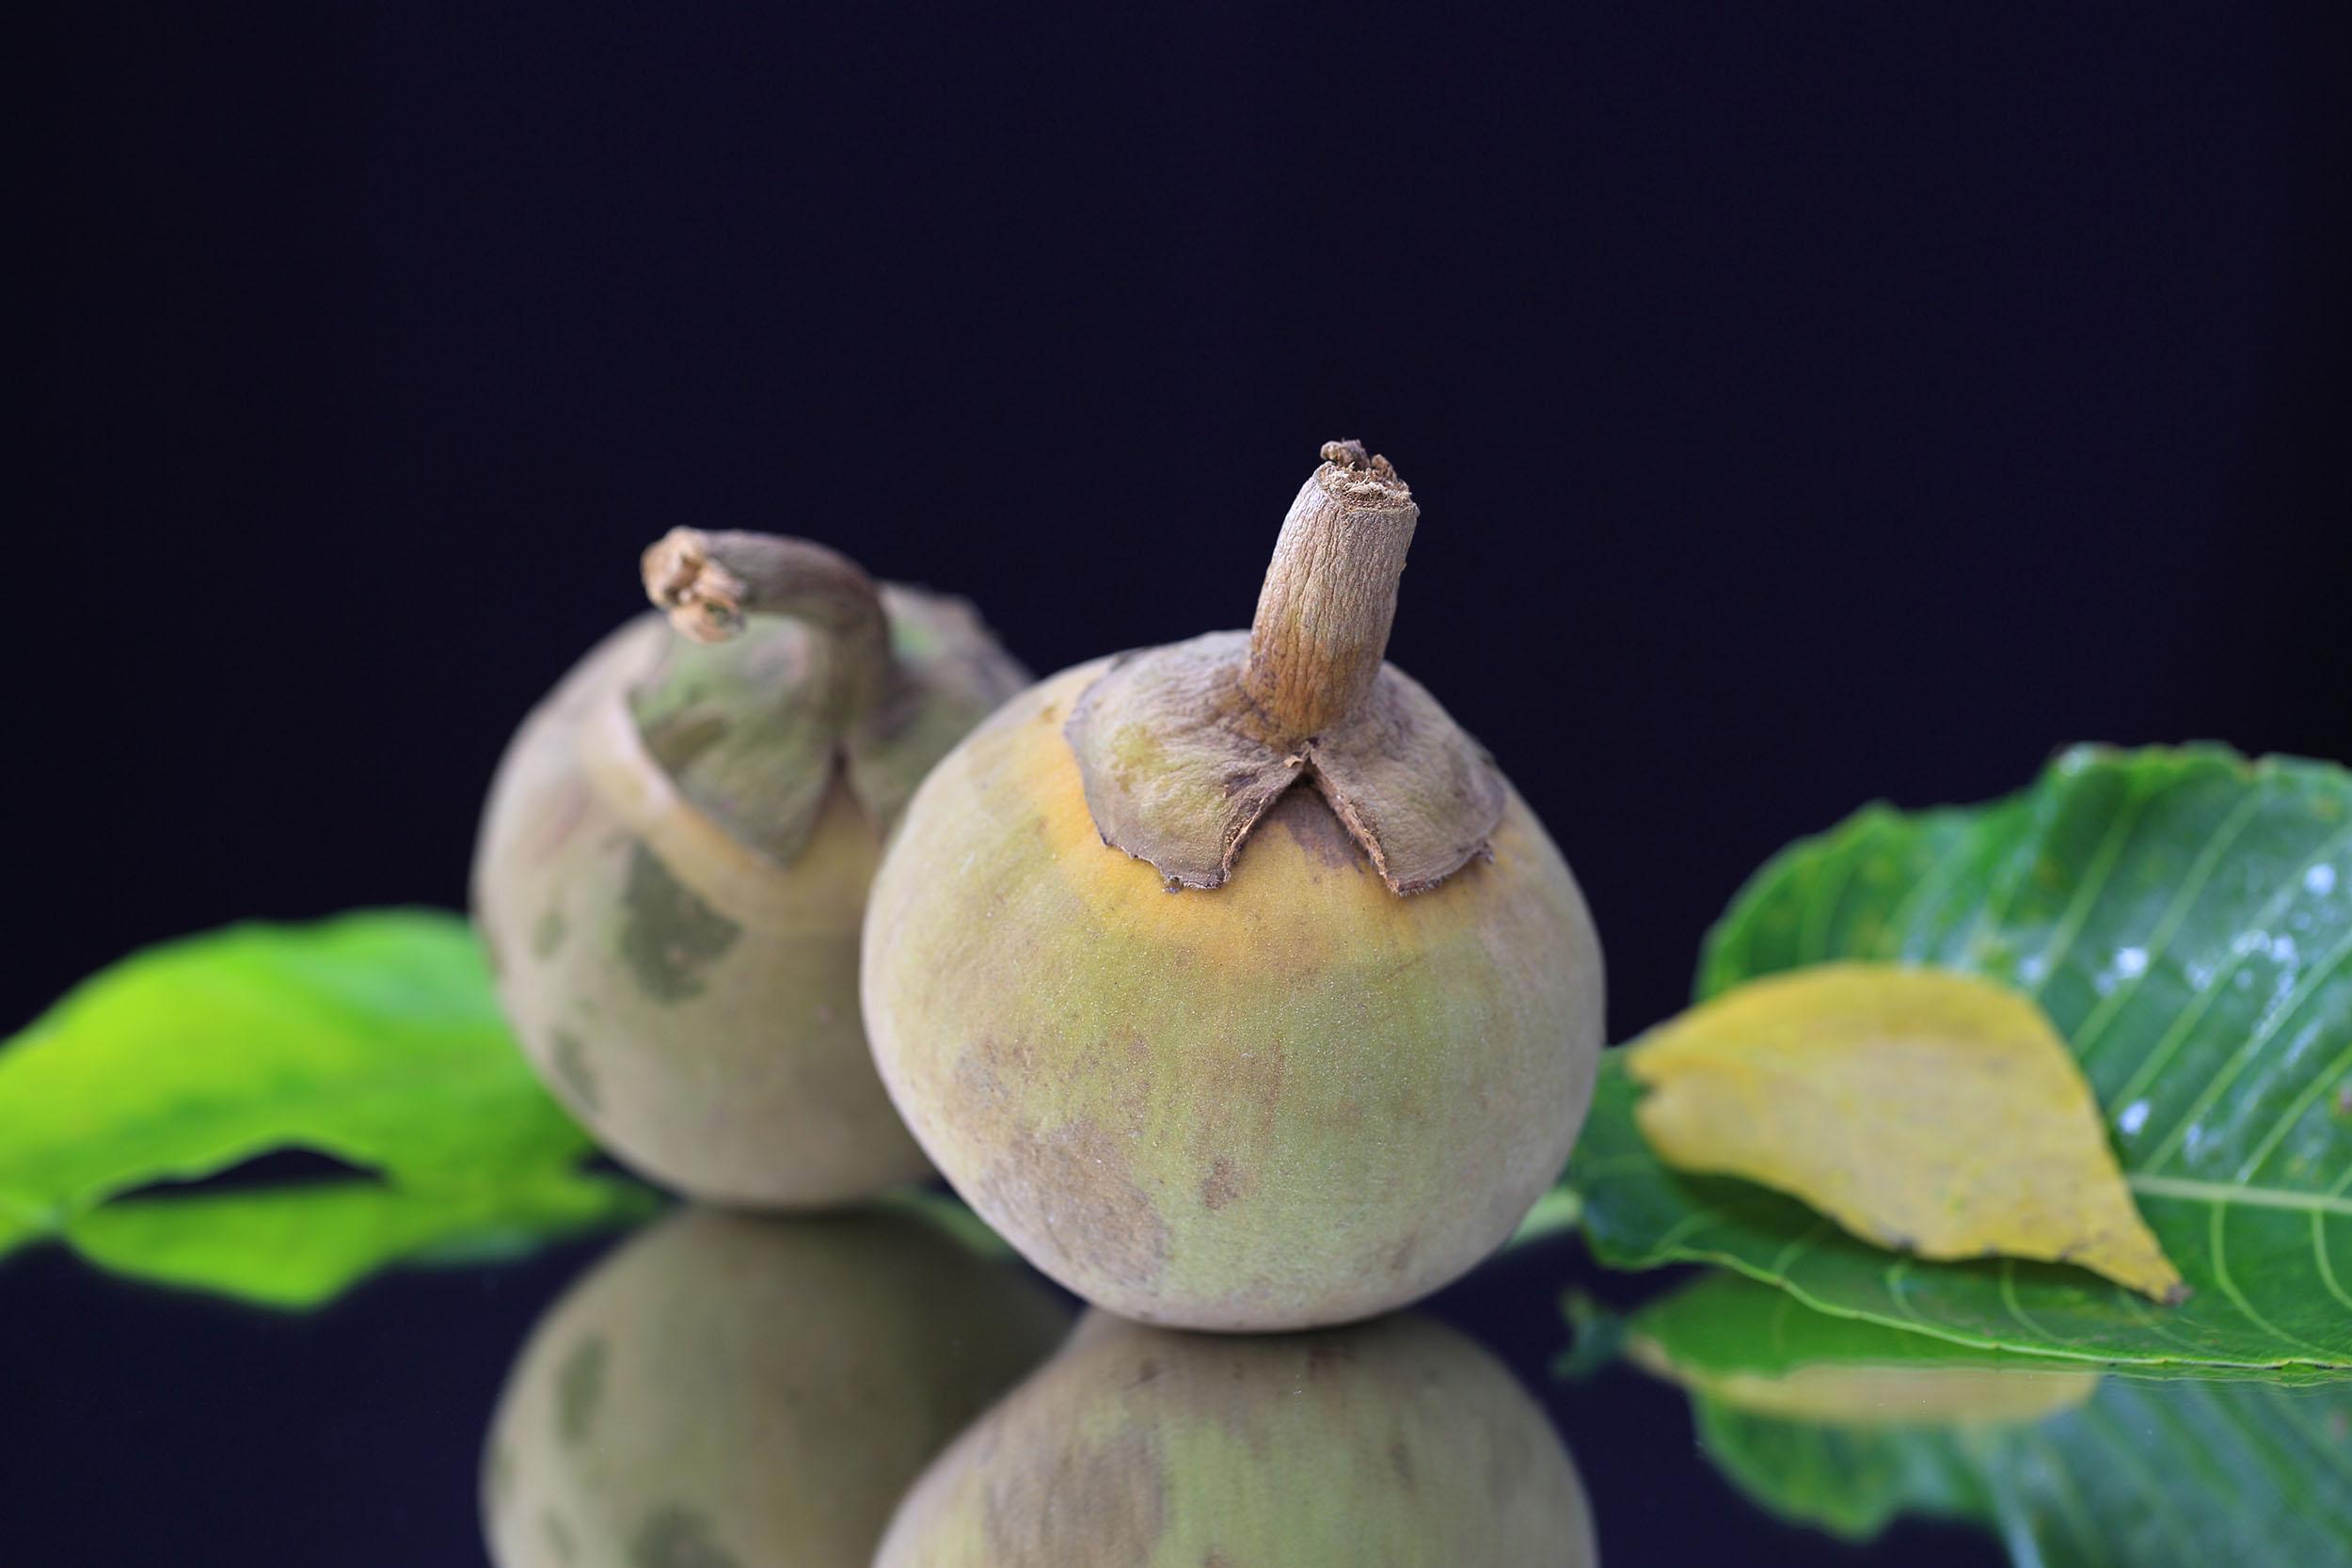 Sapote, Frucht aus Süd- und Zentralamerika mit Schokoladen-ähnlichem Geschmack